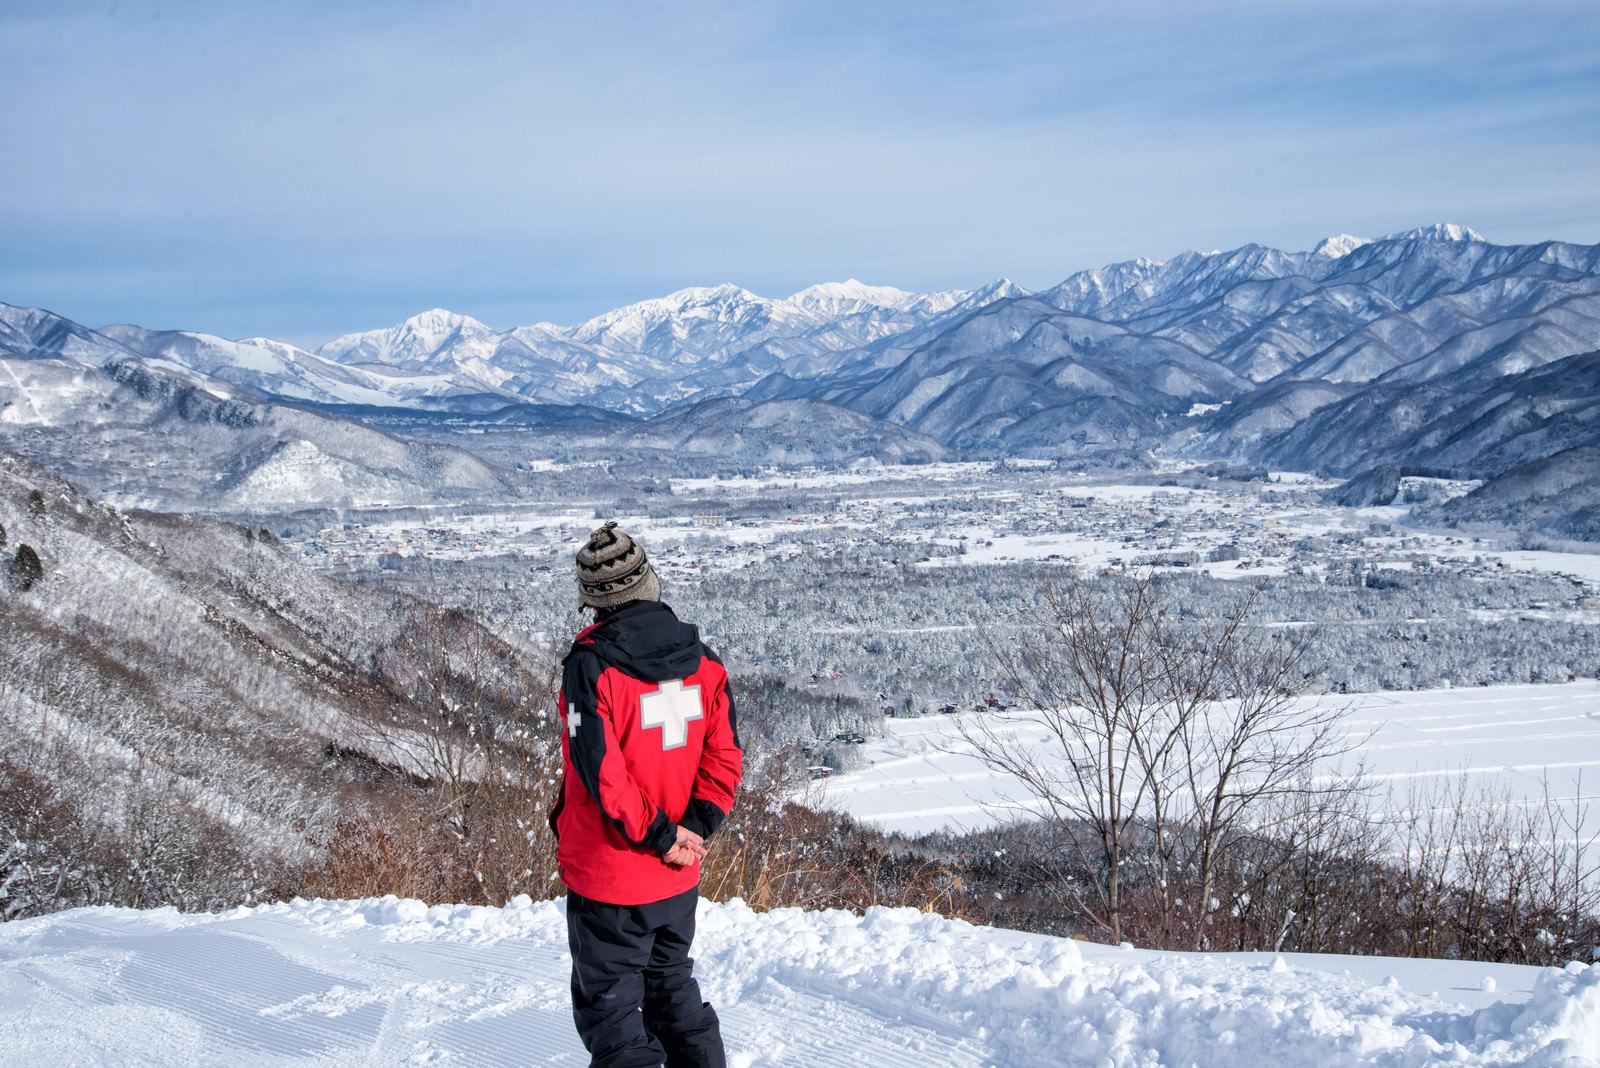 「スキー場のパトロール隊員」の写真